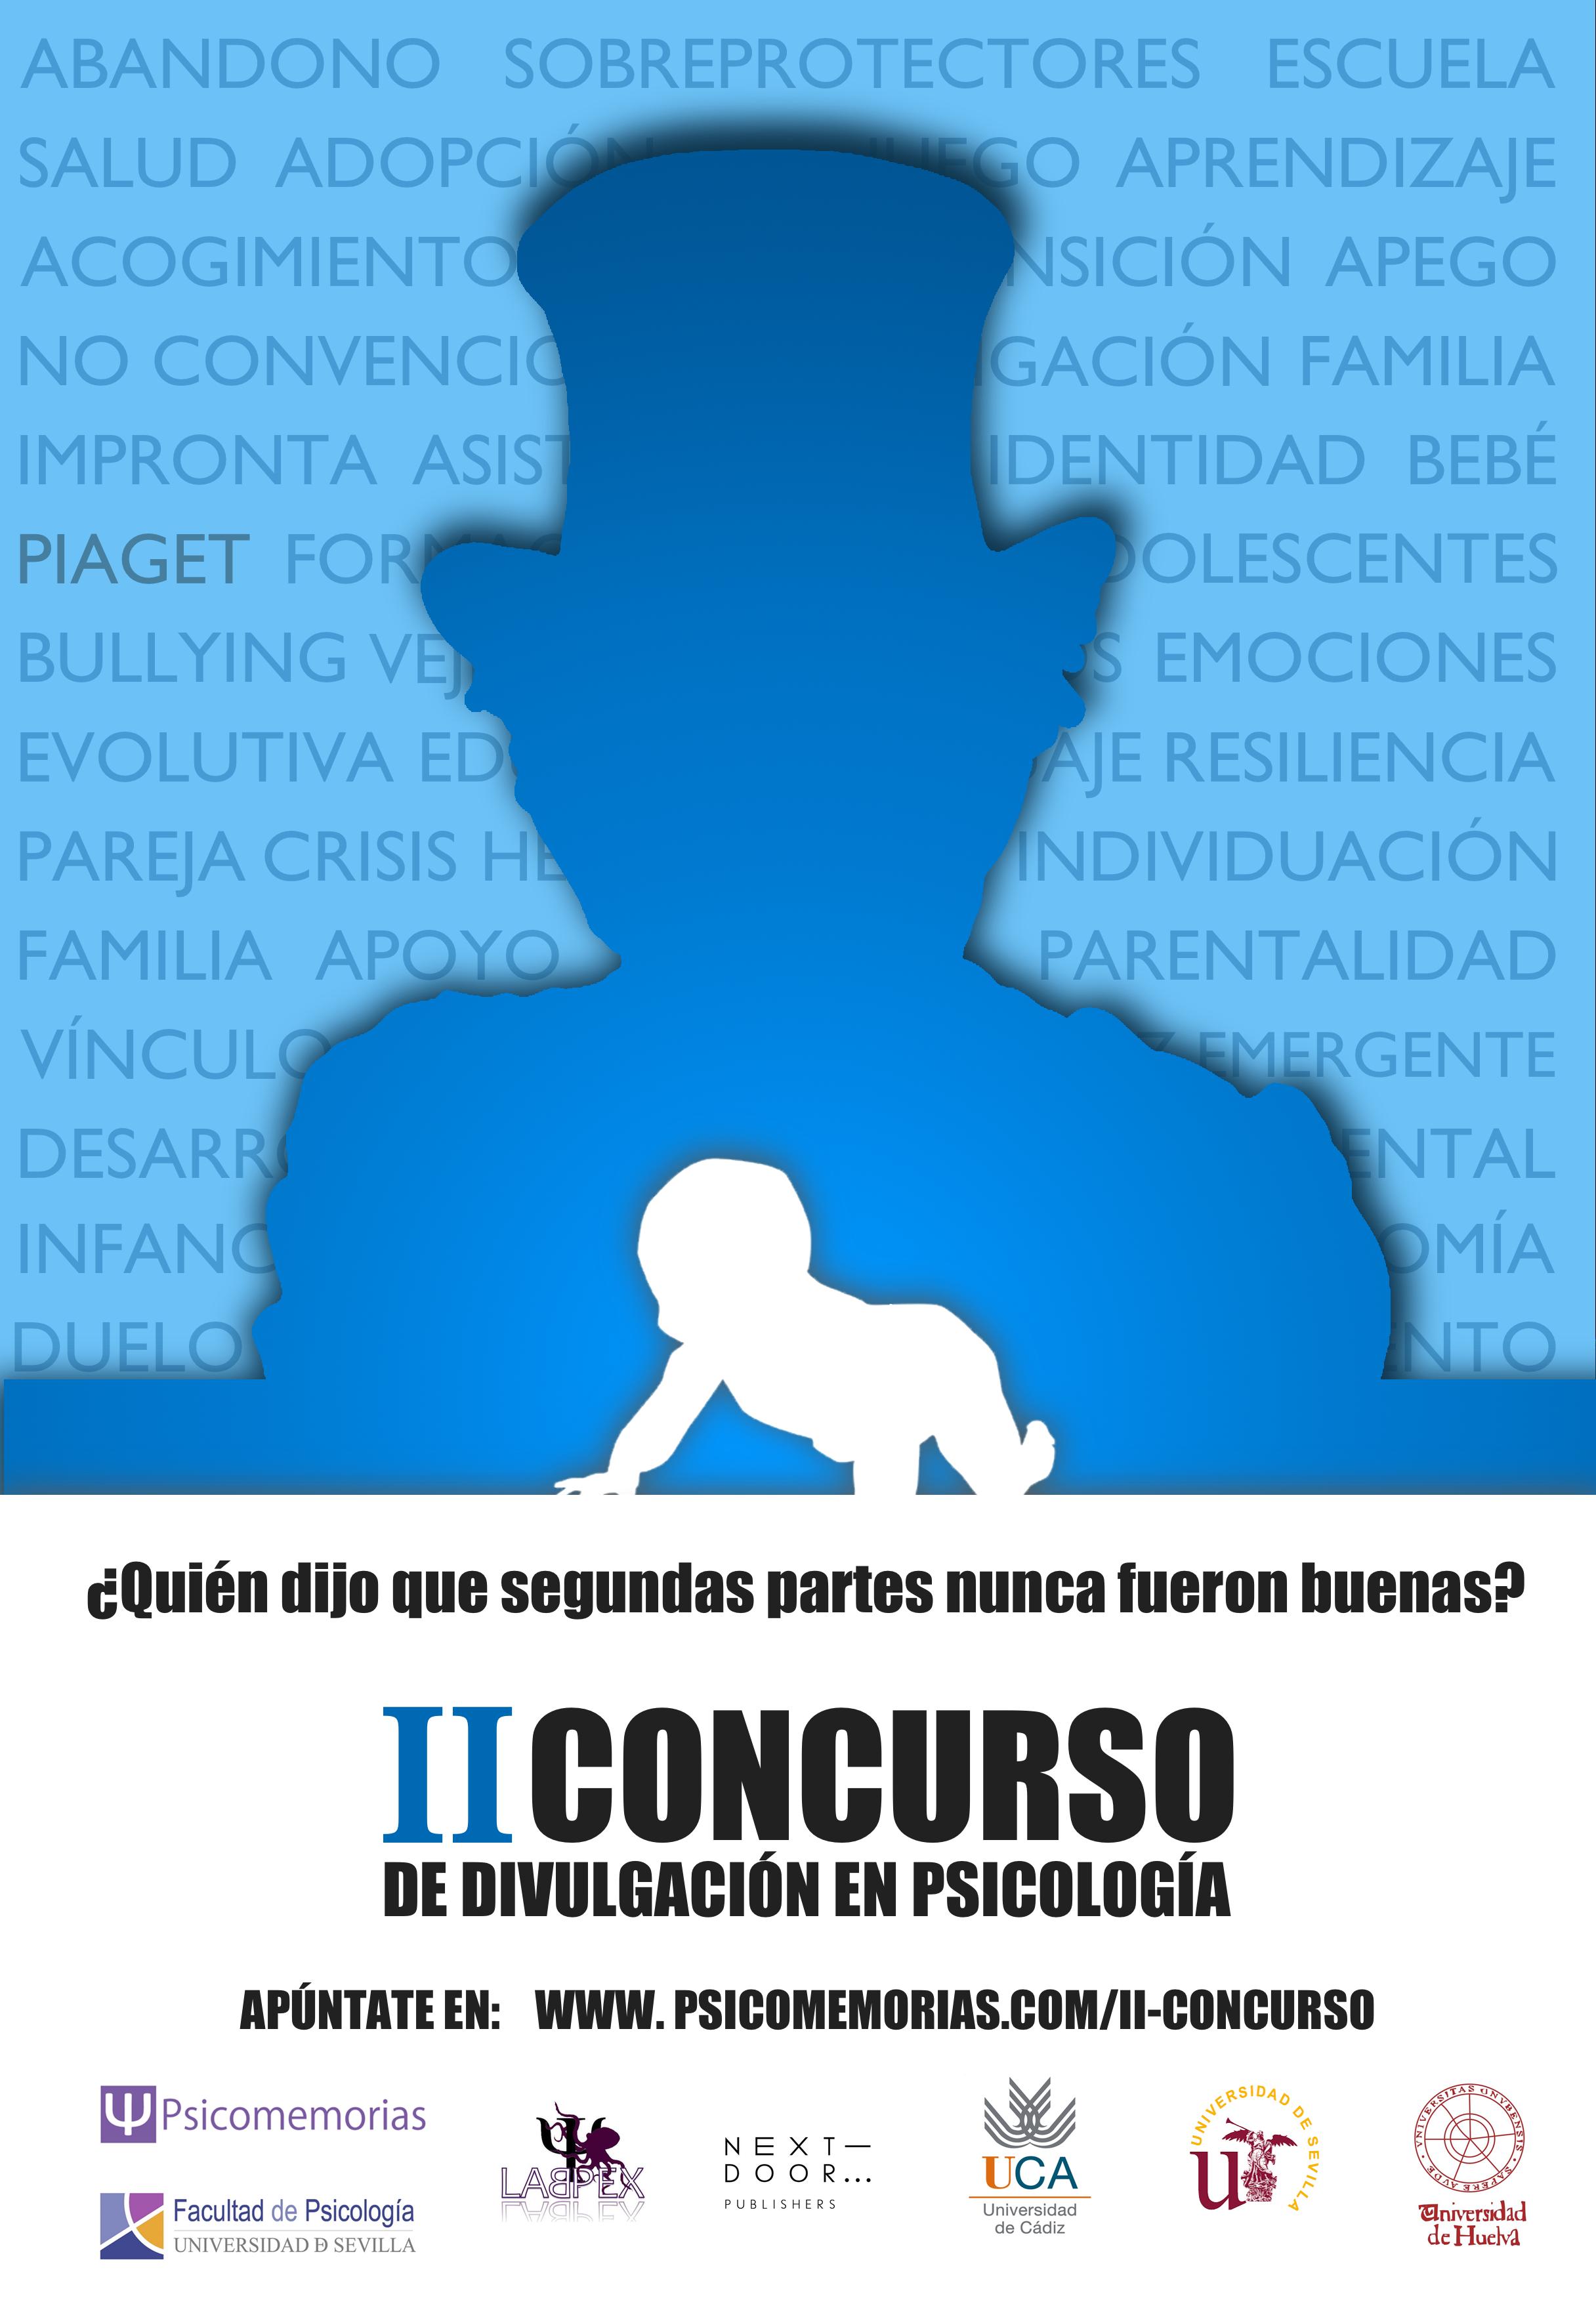 Concurso de divulgación en psicología PSICOMEMORIAS